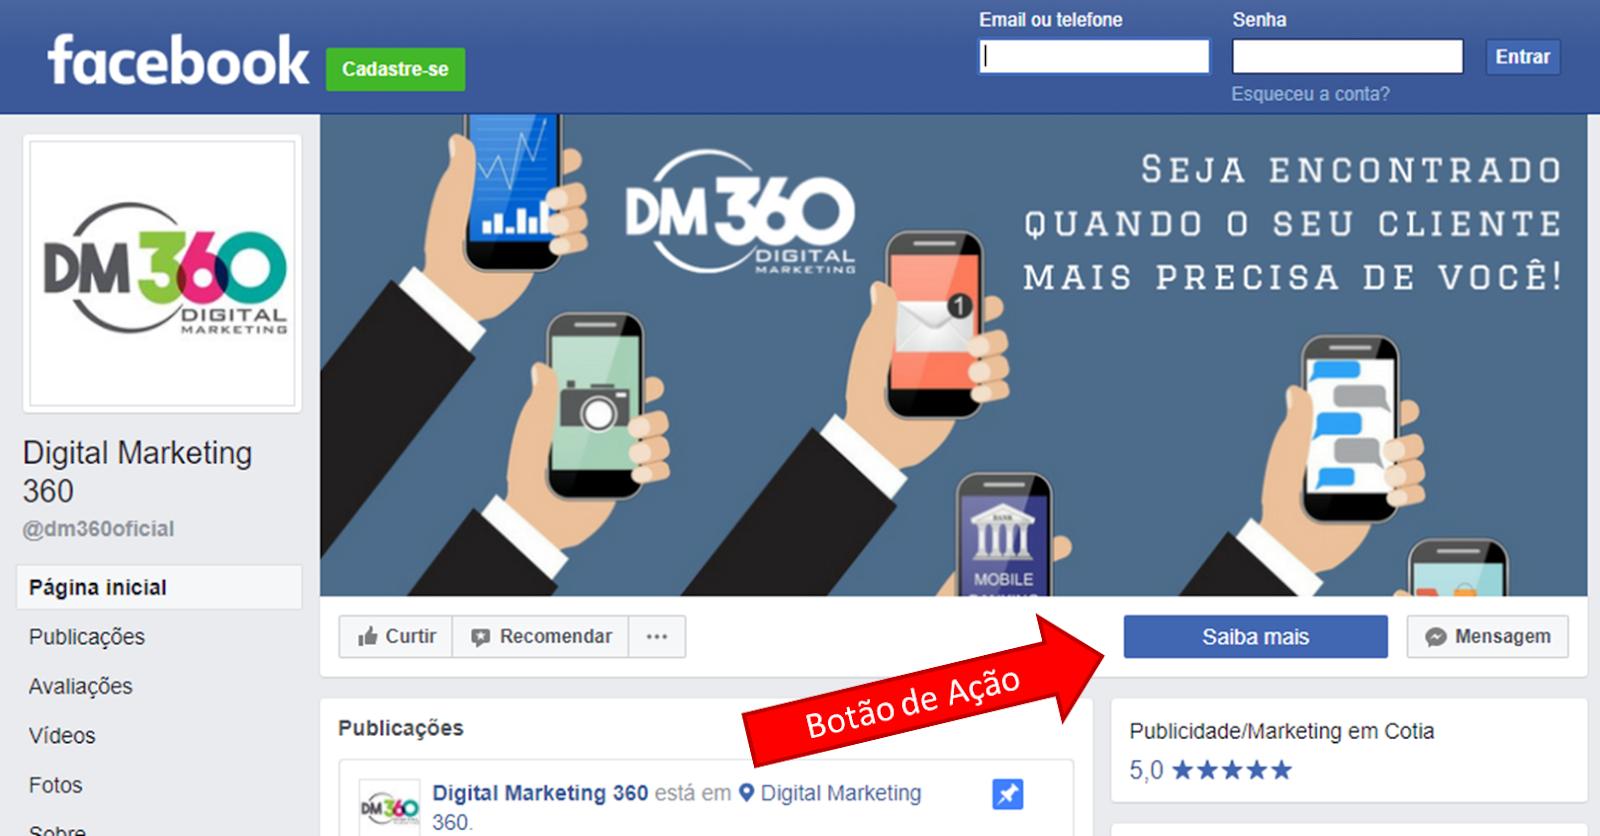 botão de ação facebook.png